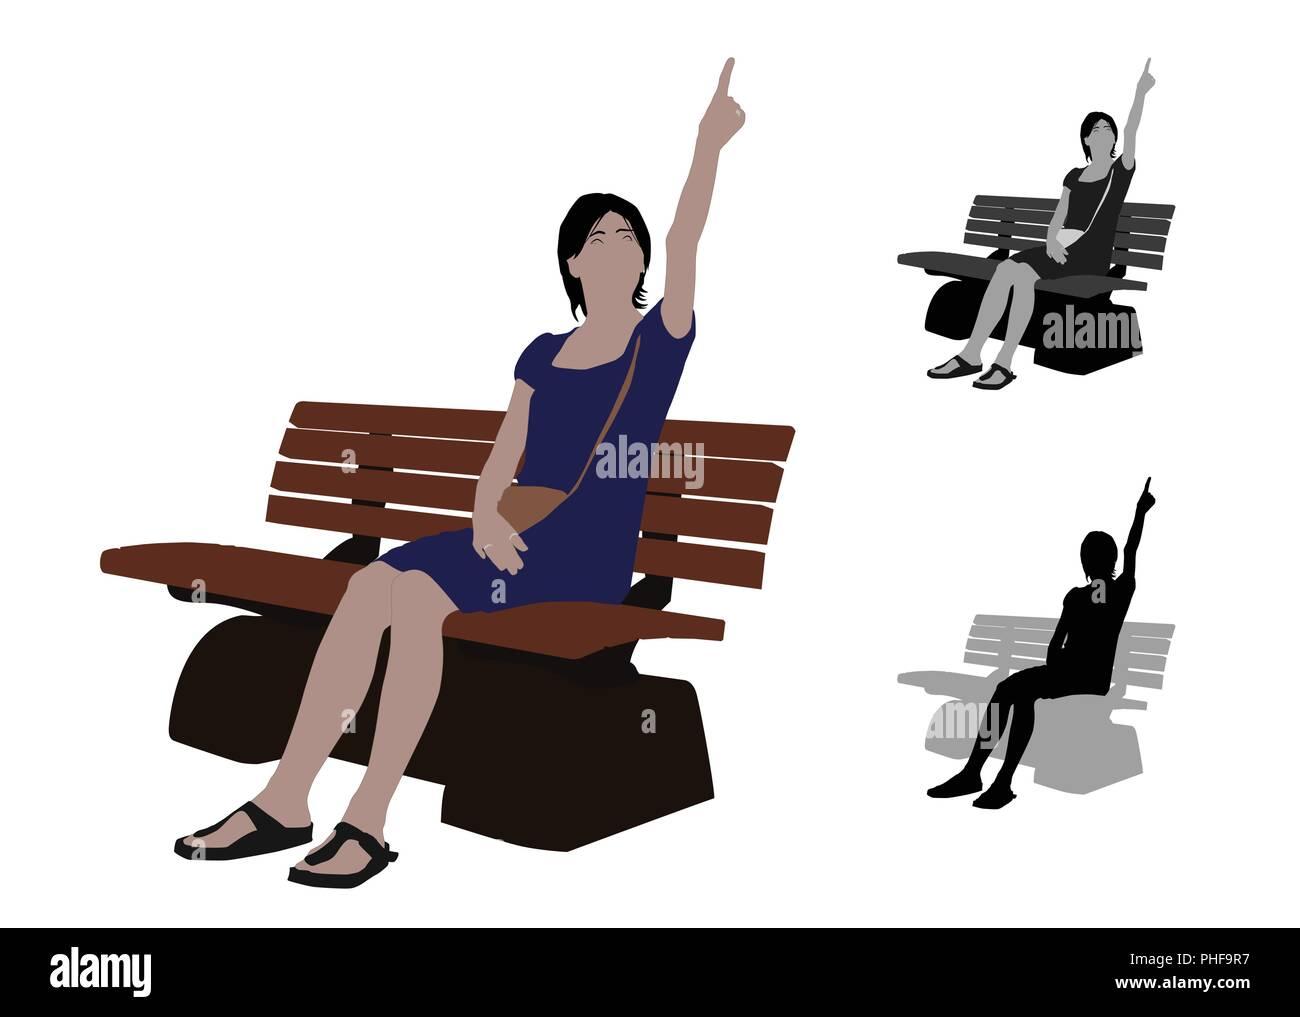 Realistische flache farbige Darstellung eines lockeren Frau nach oben während der Sitzung eine Bank im Park Stockbild